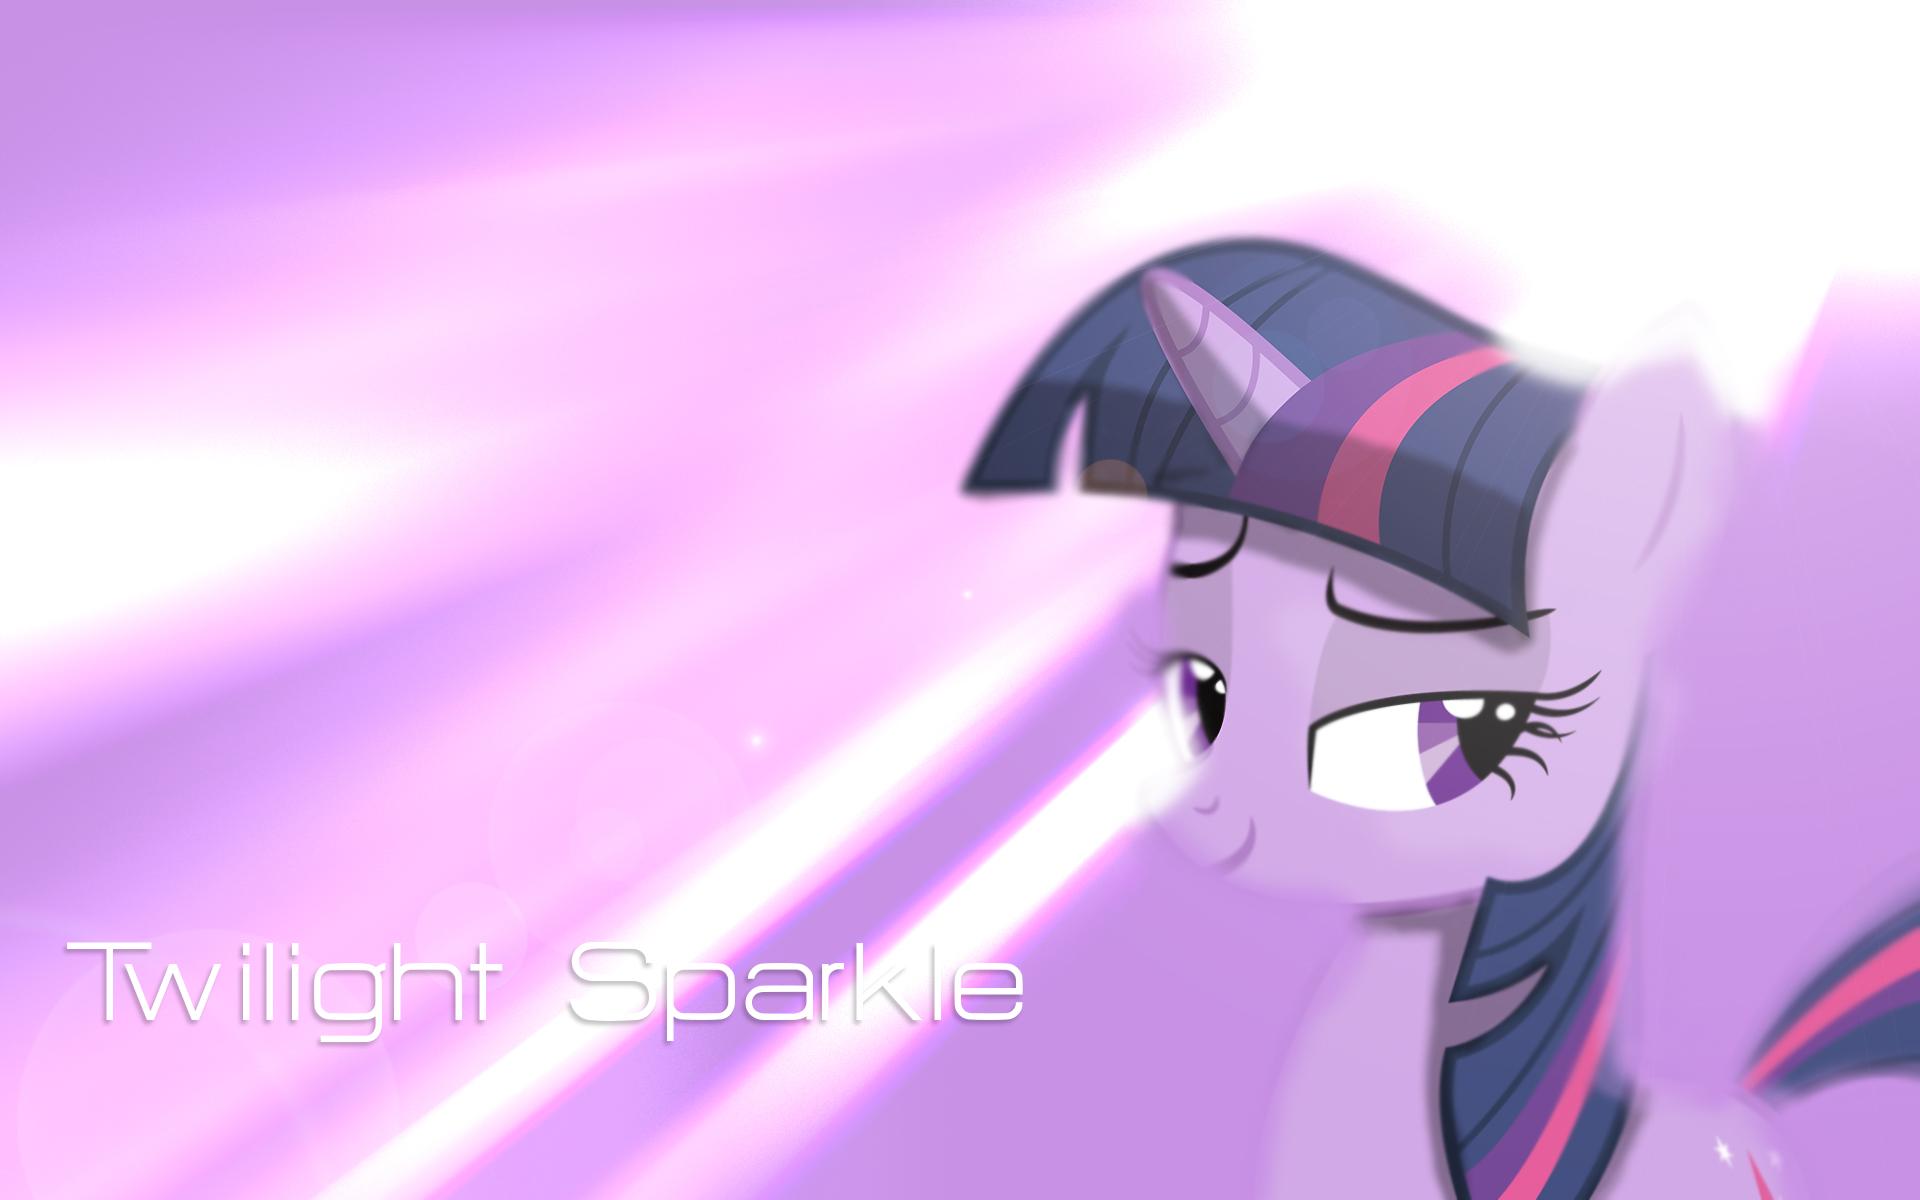 Twilight Sparkle Wallpaper by Woodyz611